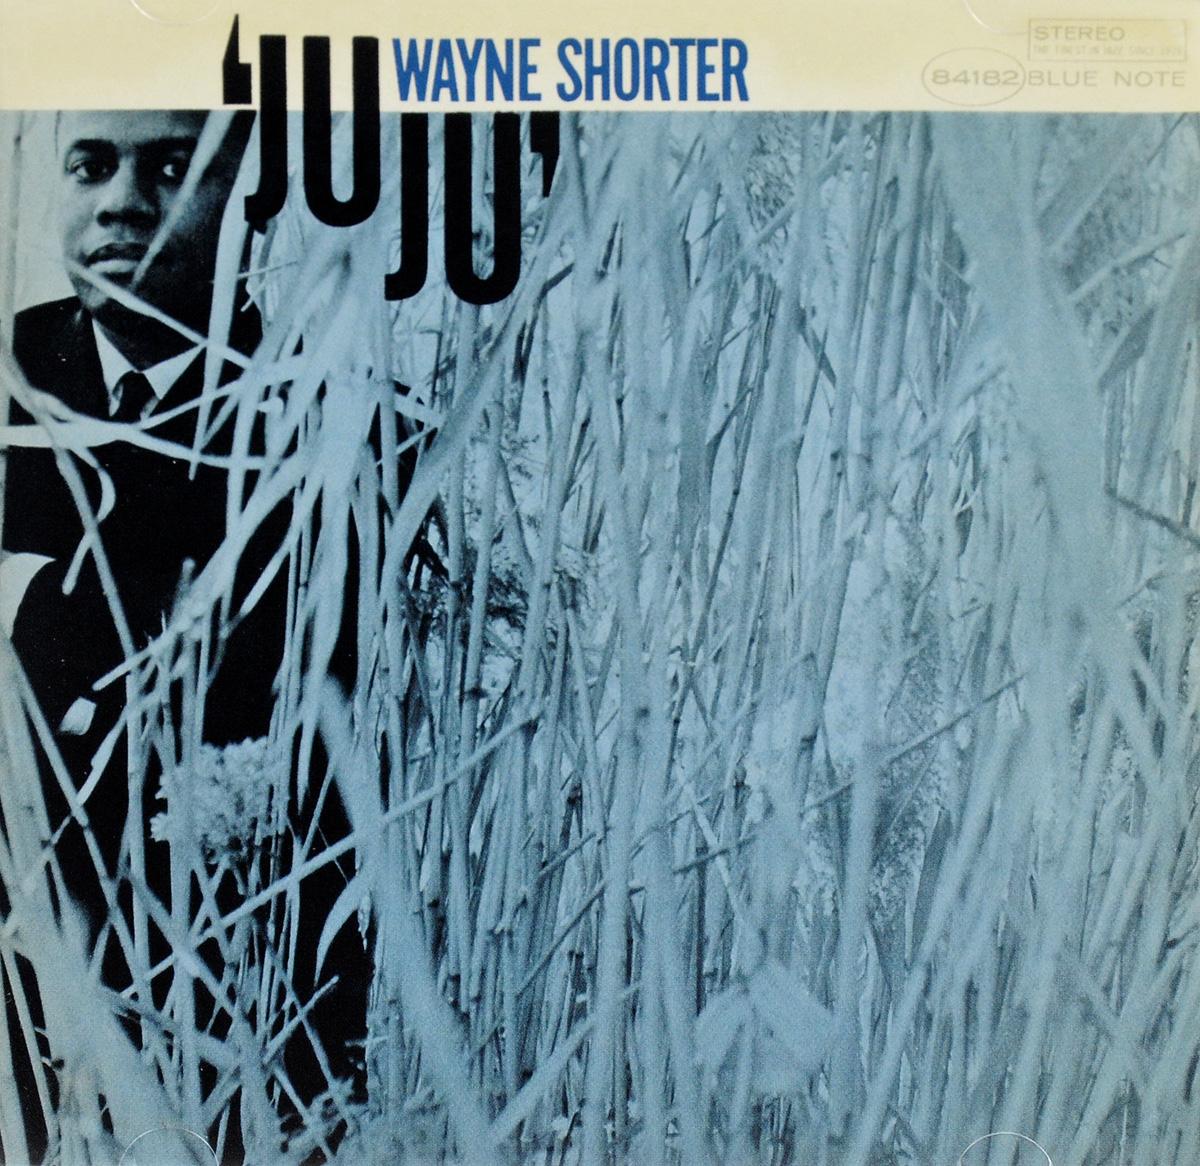 Wayne Shorter. JuJu